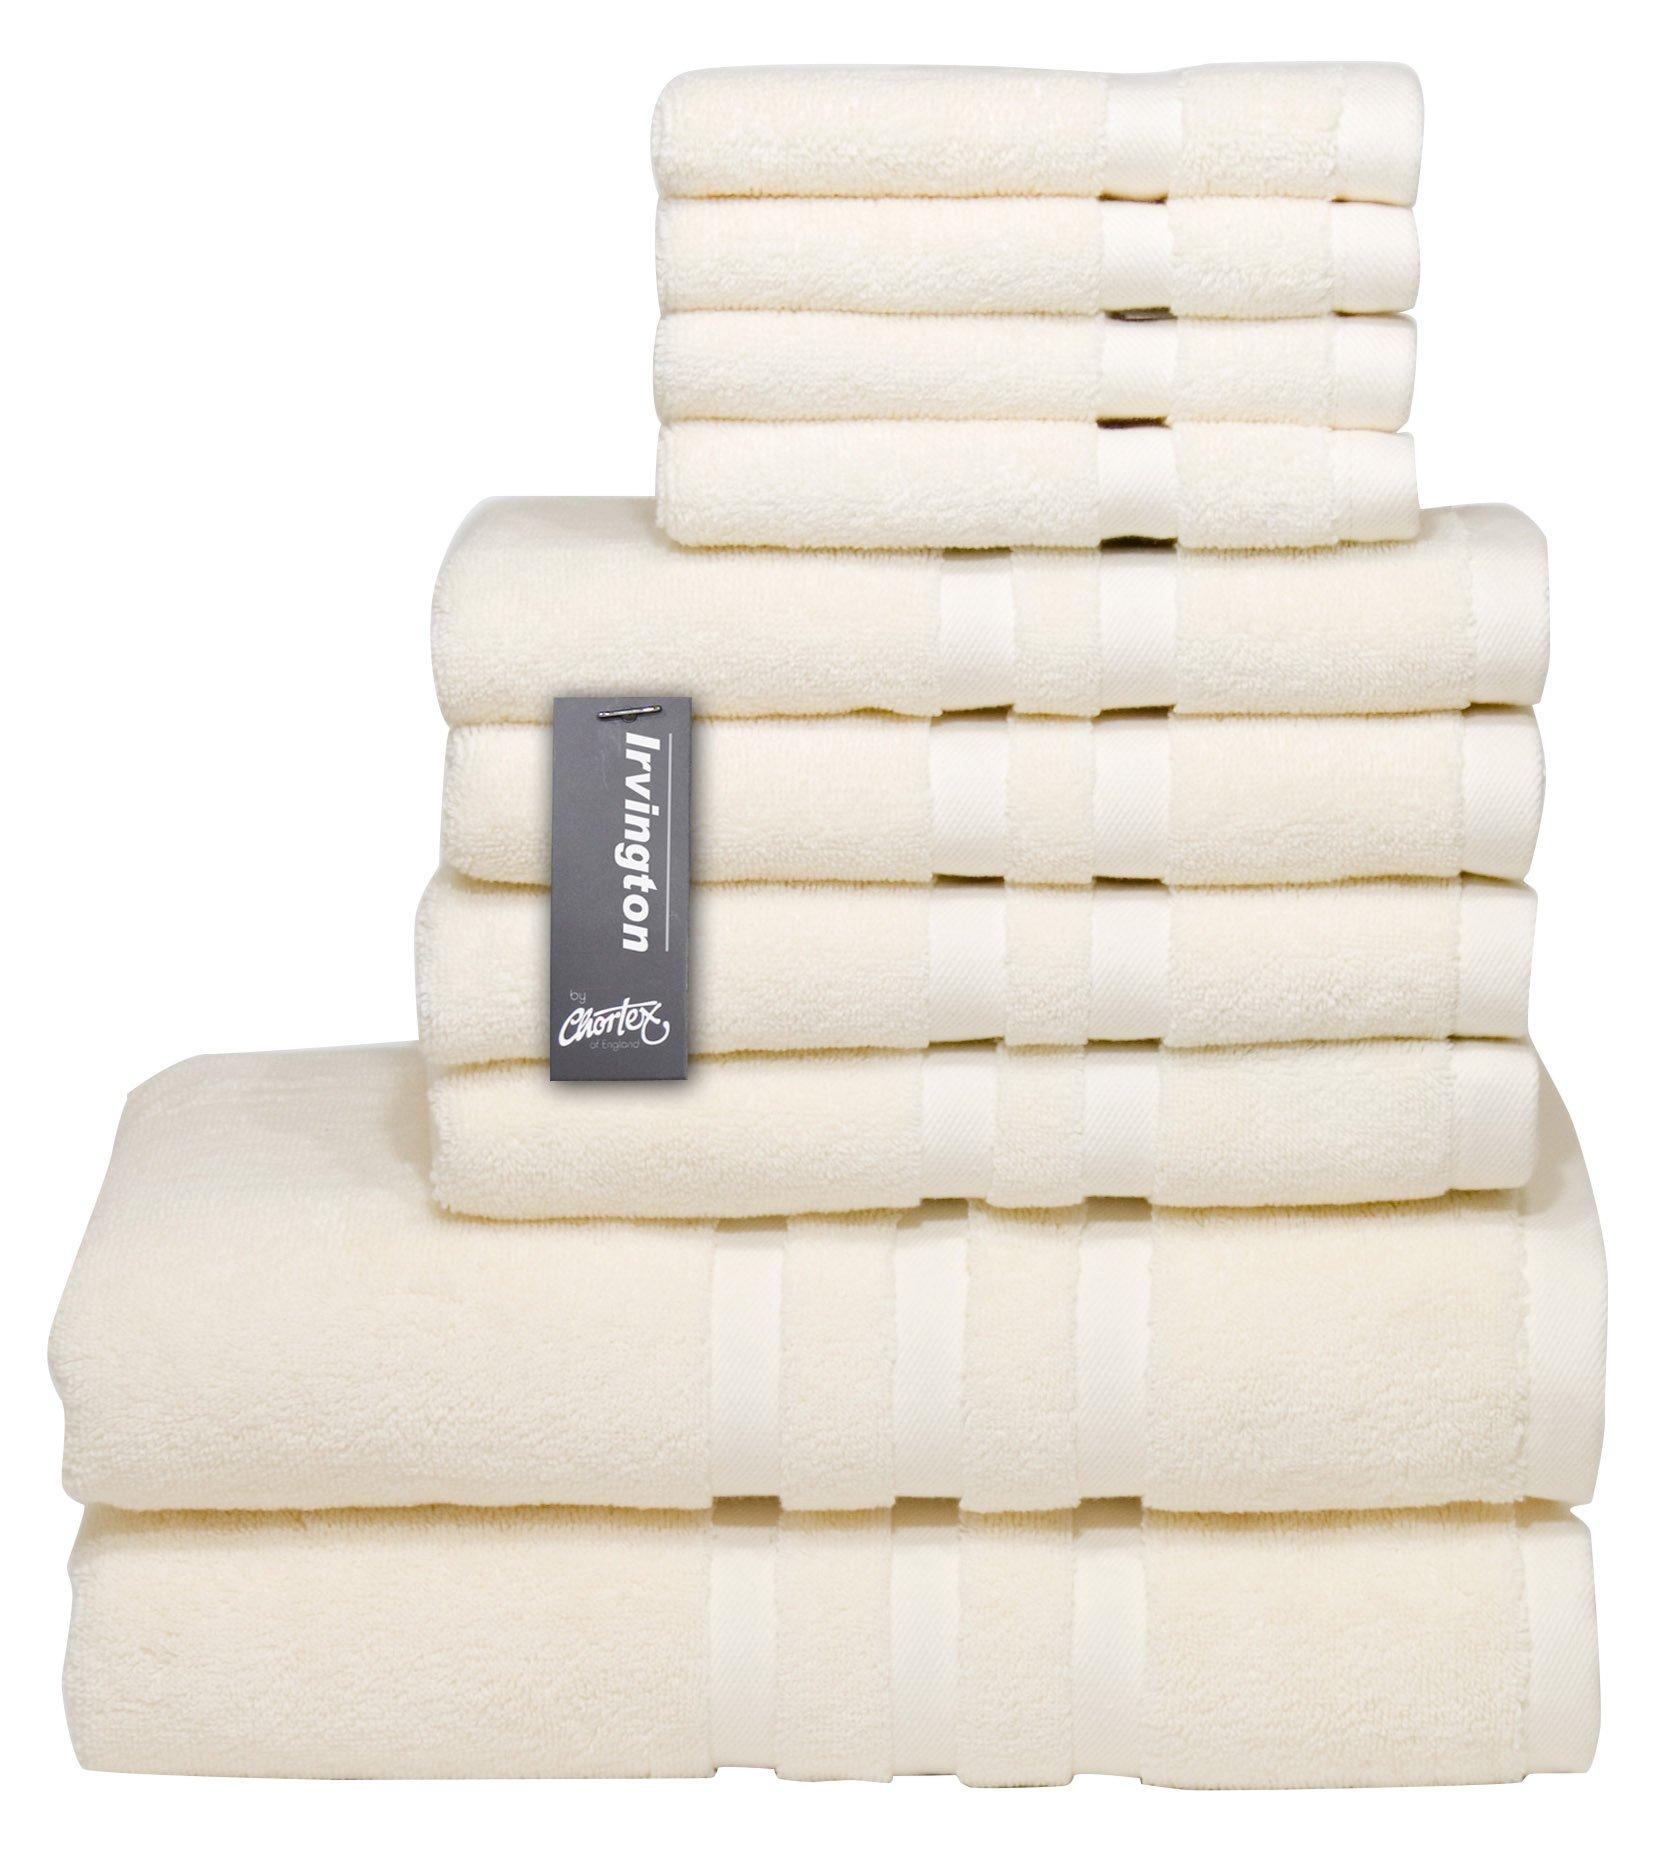 Chortex Luxury Turkish Cotton 10 Piece Set, Set of 10 Towels, Cream